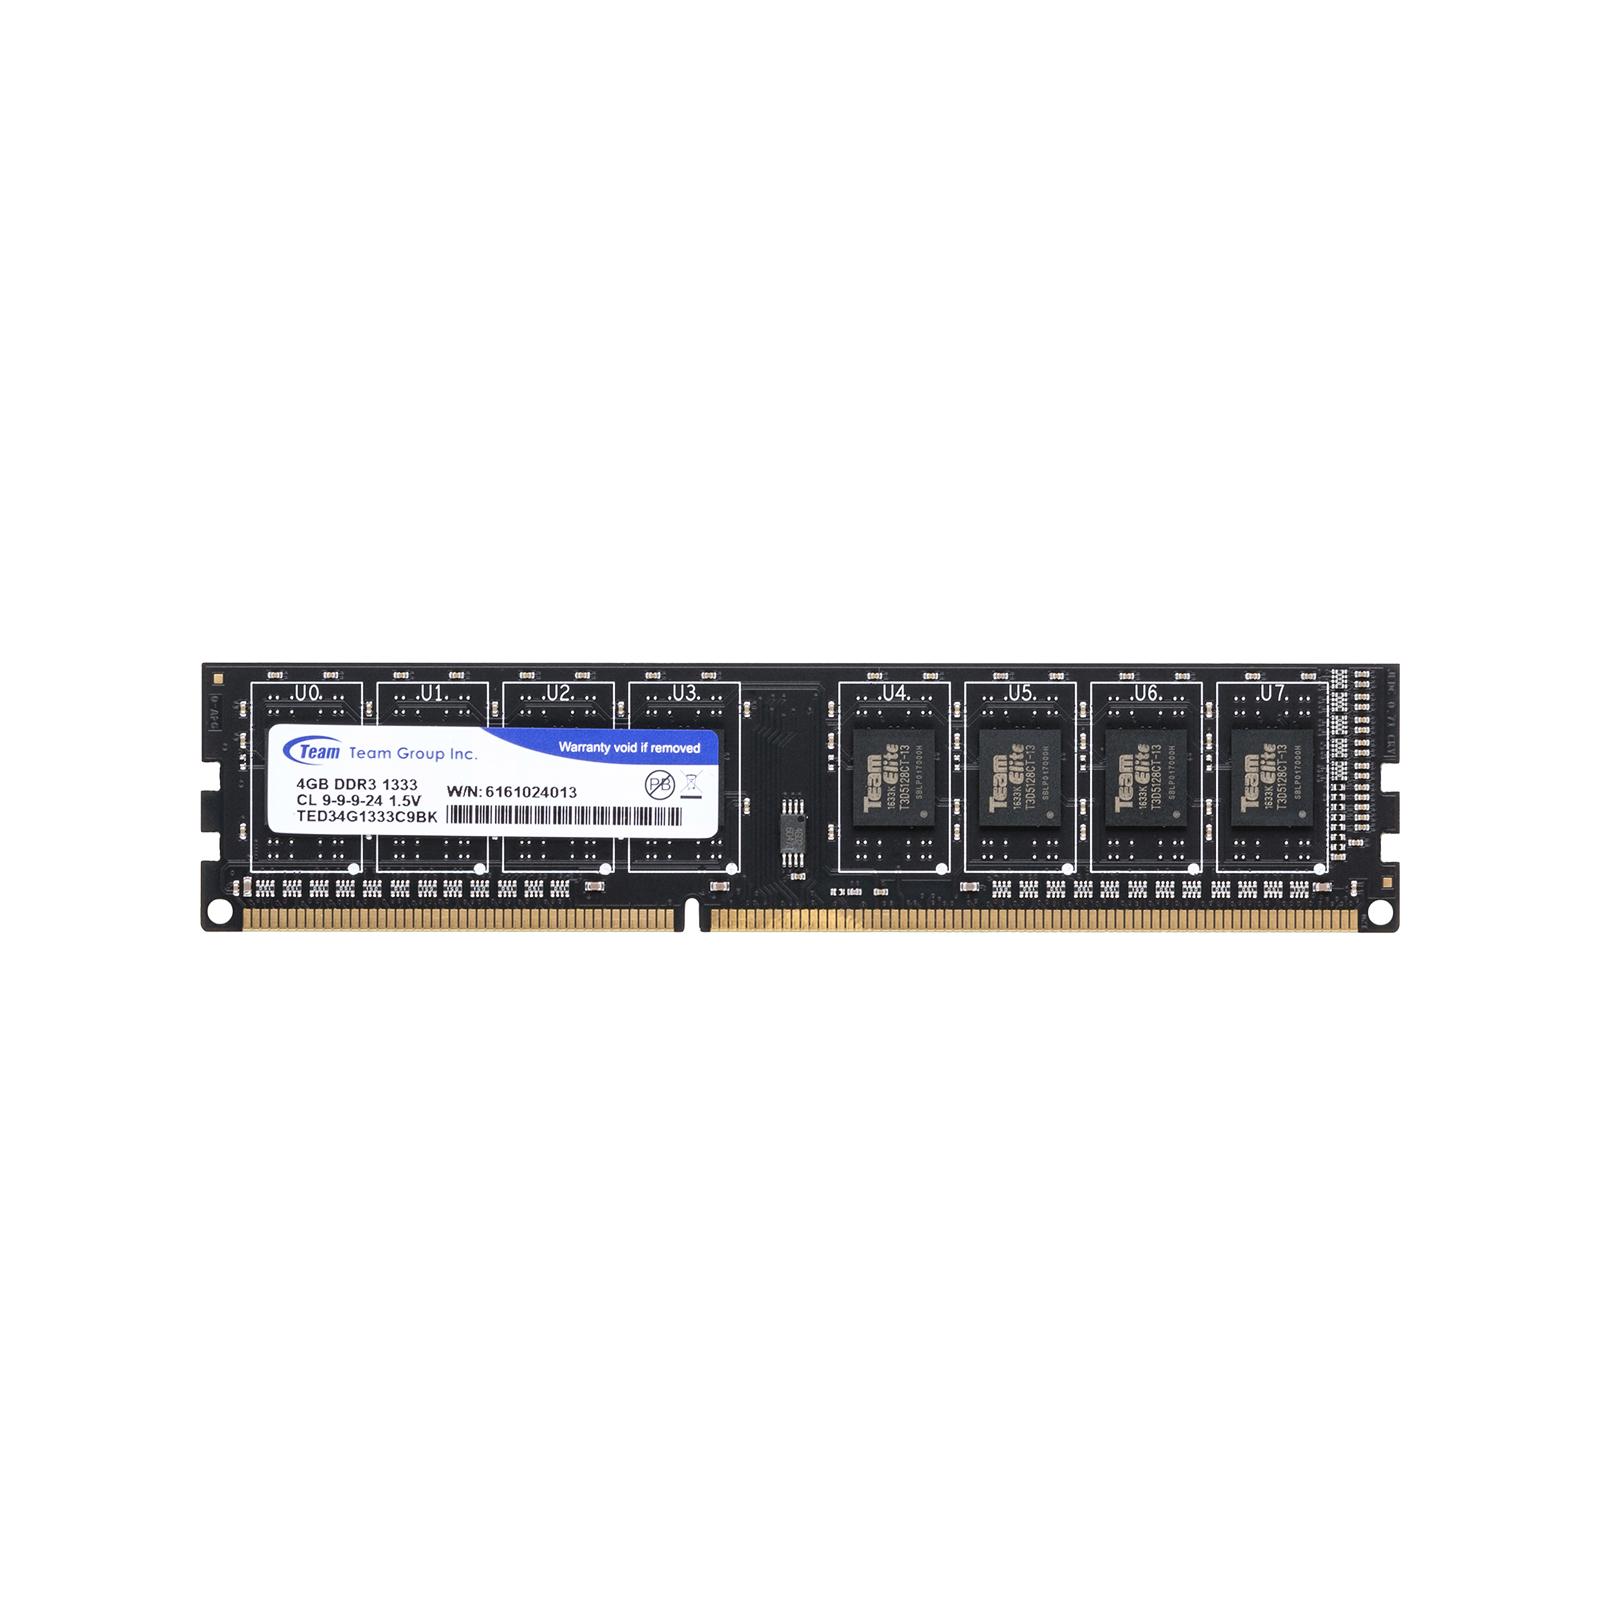 Модуль памяти для компьютера DDR3 4GB 1333 MHz Team (TED34G1333C901 / TED34GM1333C901) изображение 2